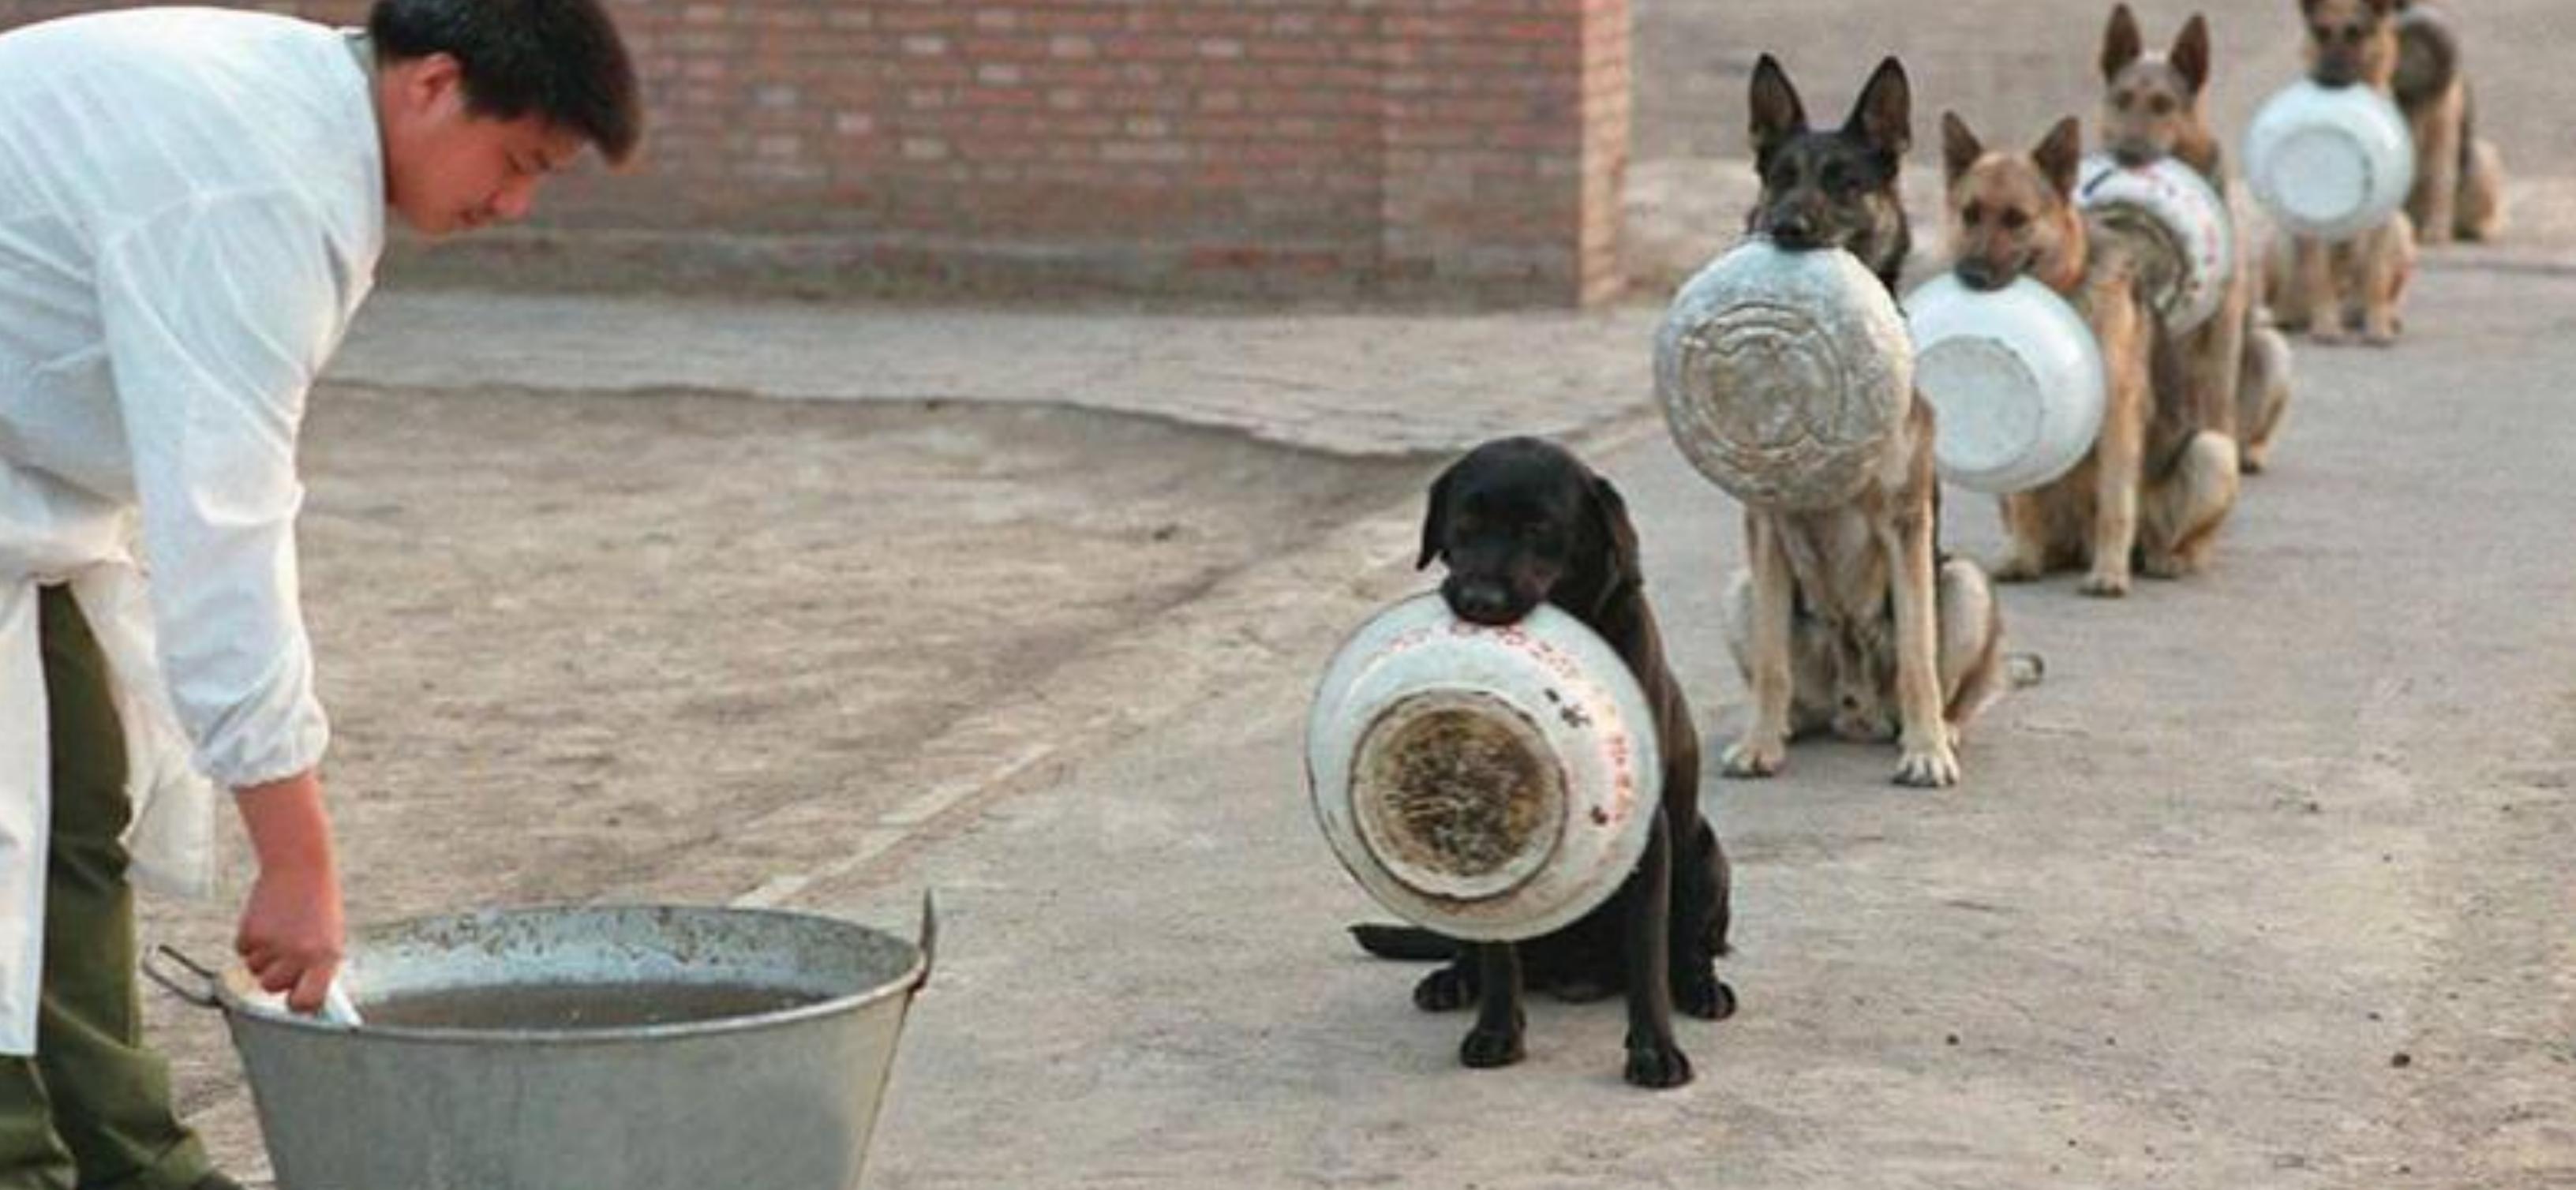 Köpekler yemeklerini yerken neden bir yerden başka bir yere taşır?